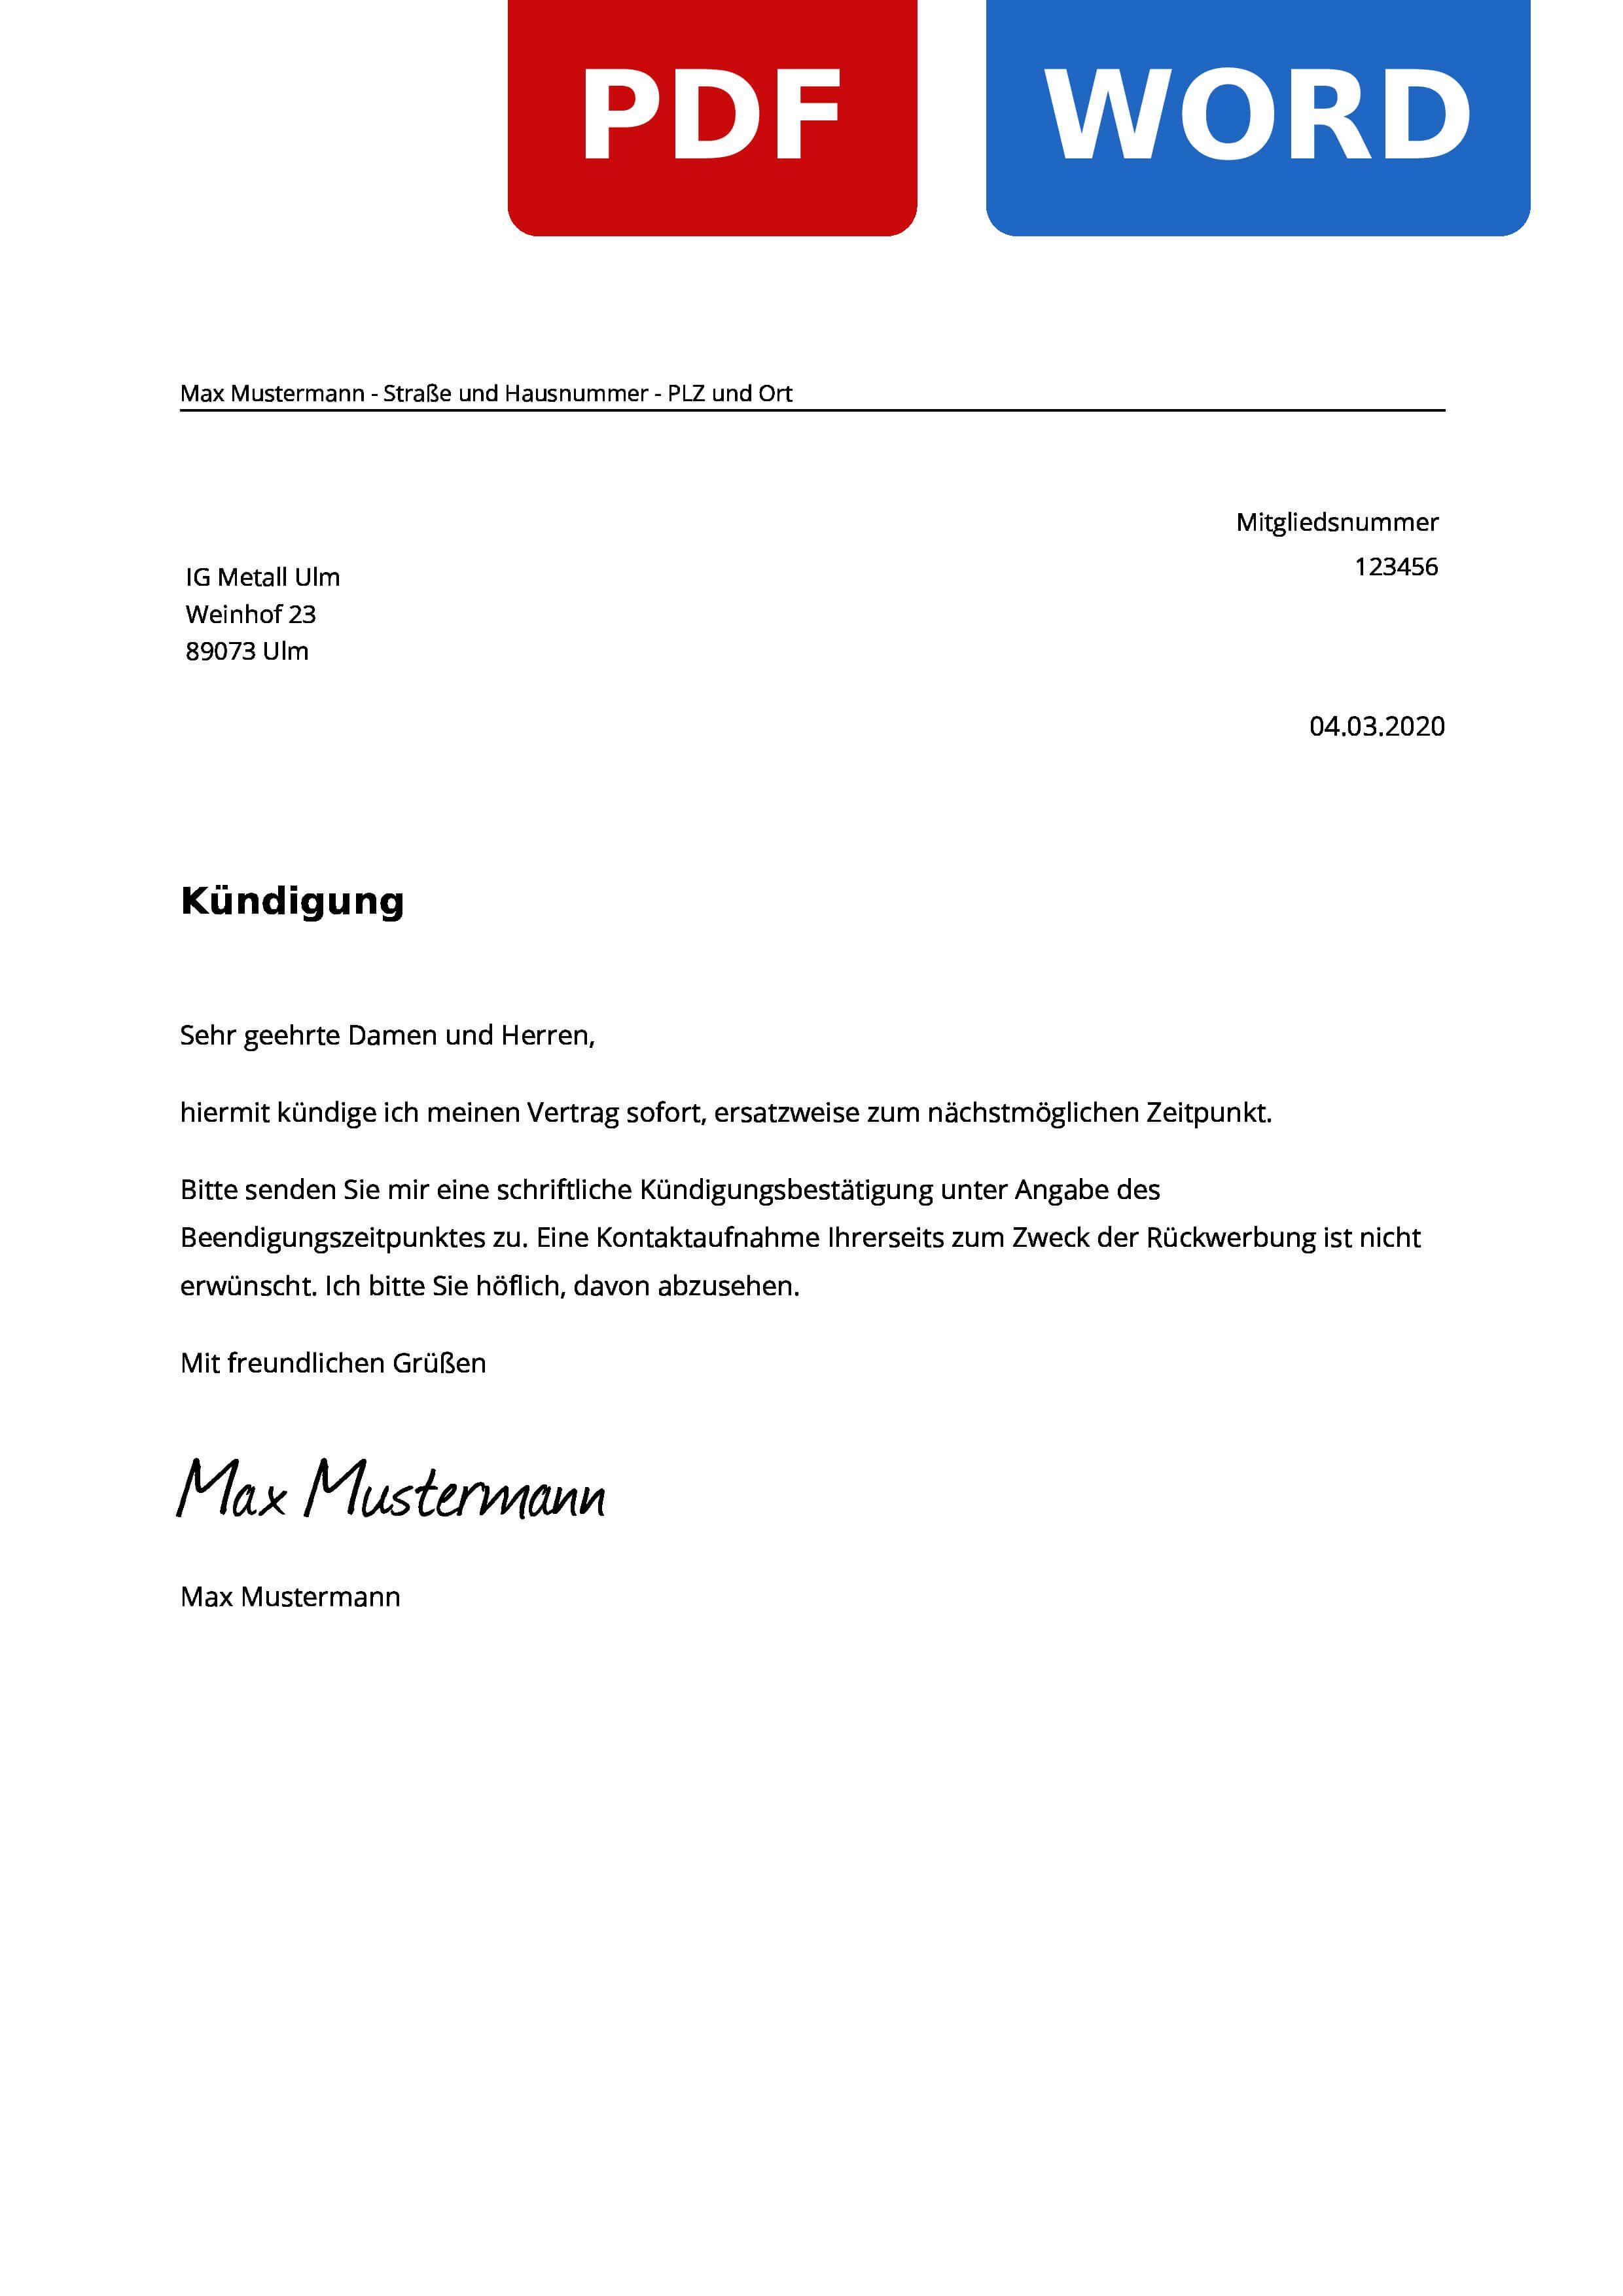 Ig Metall Ulm Kundigen Muster Vorlage Zur Kundigung